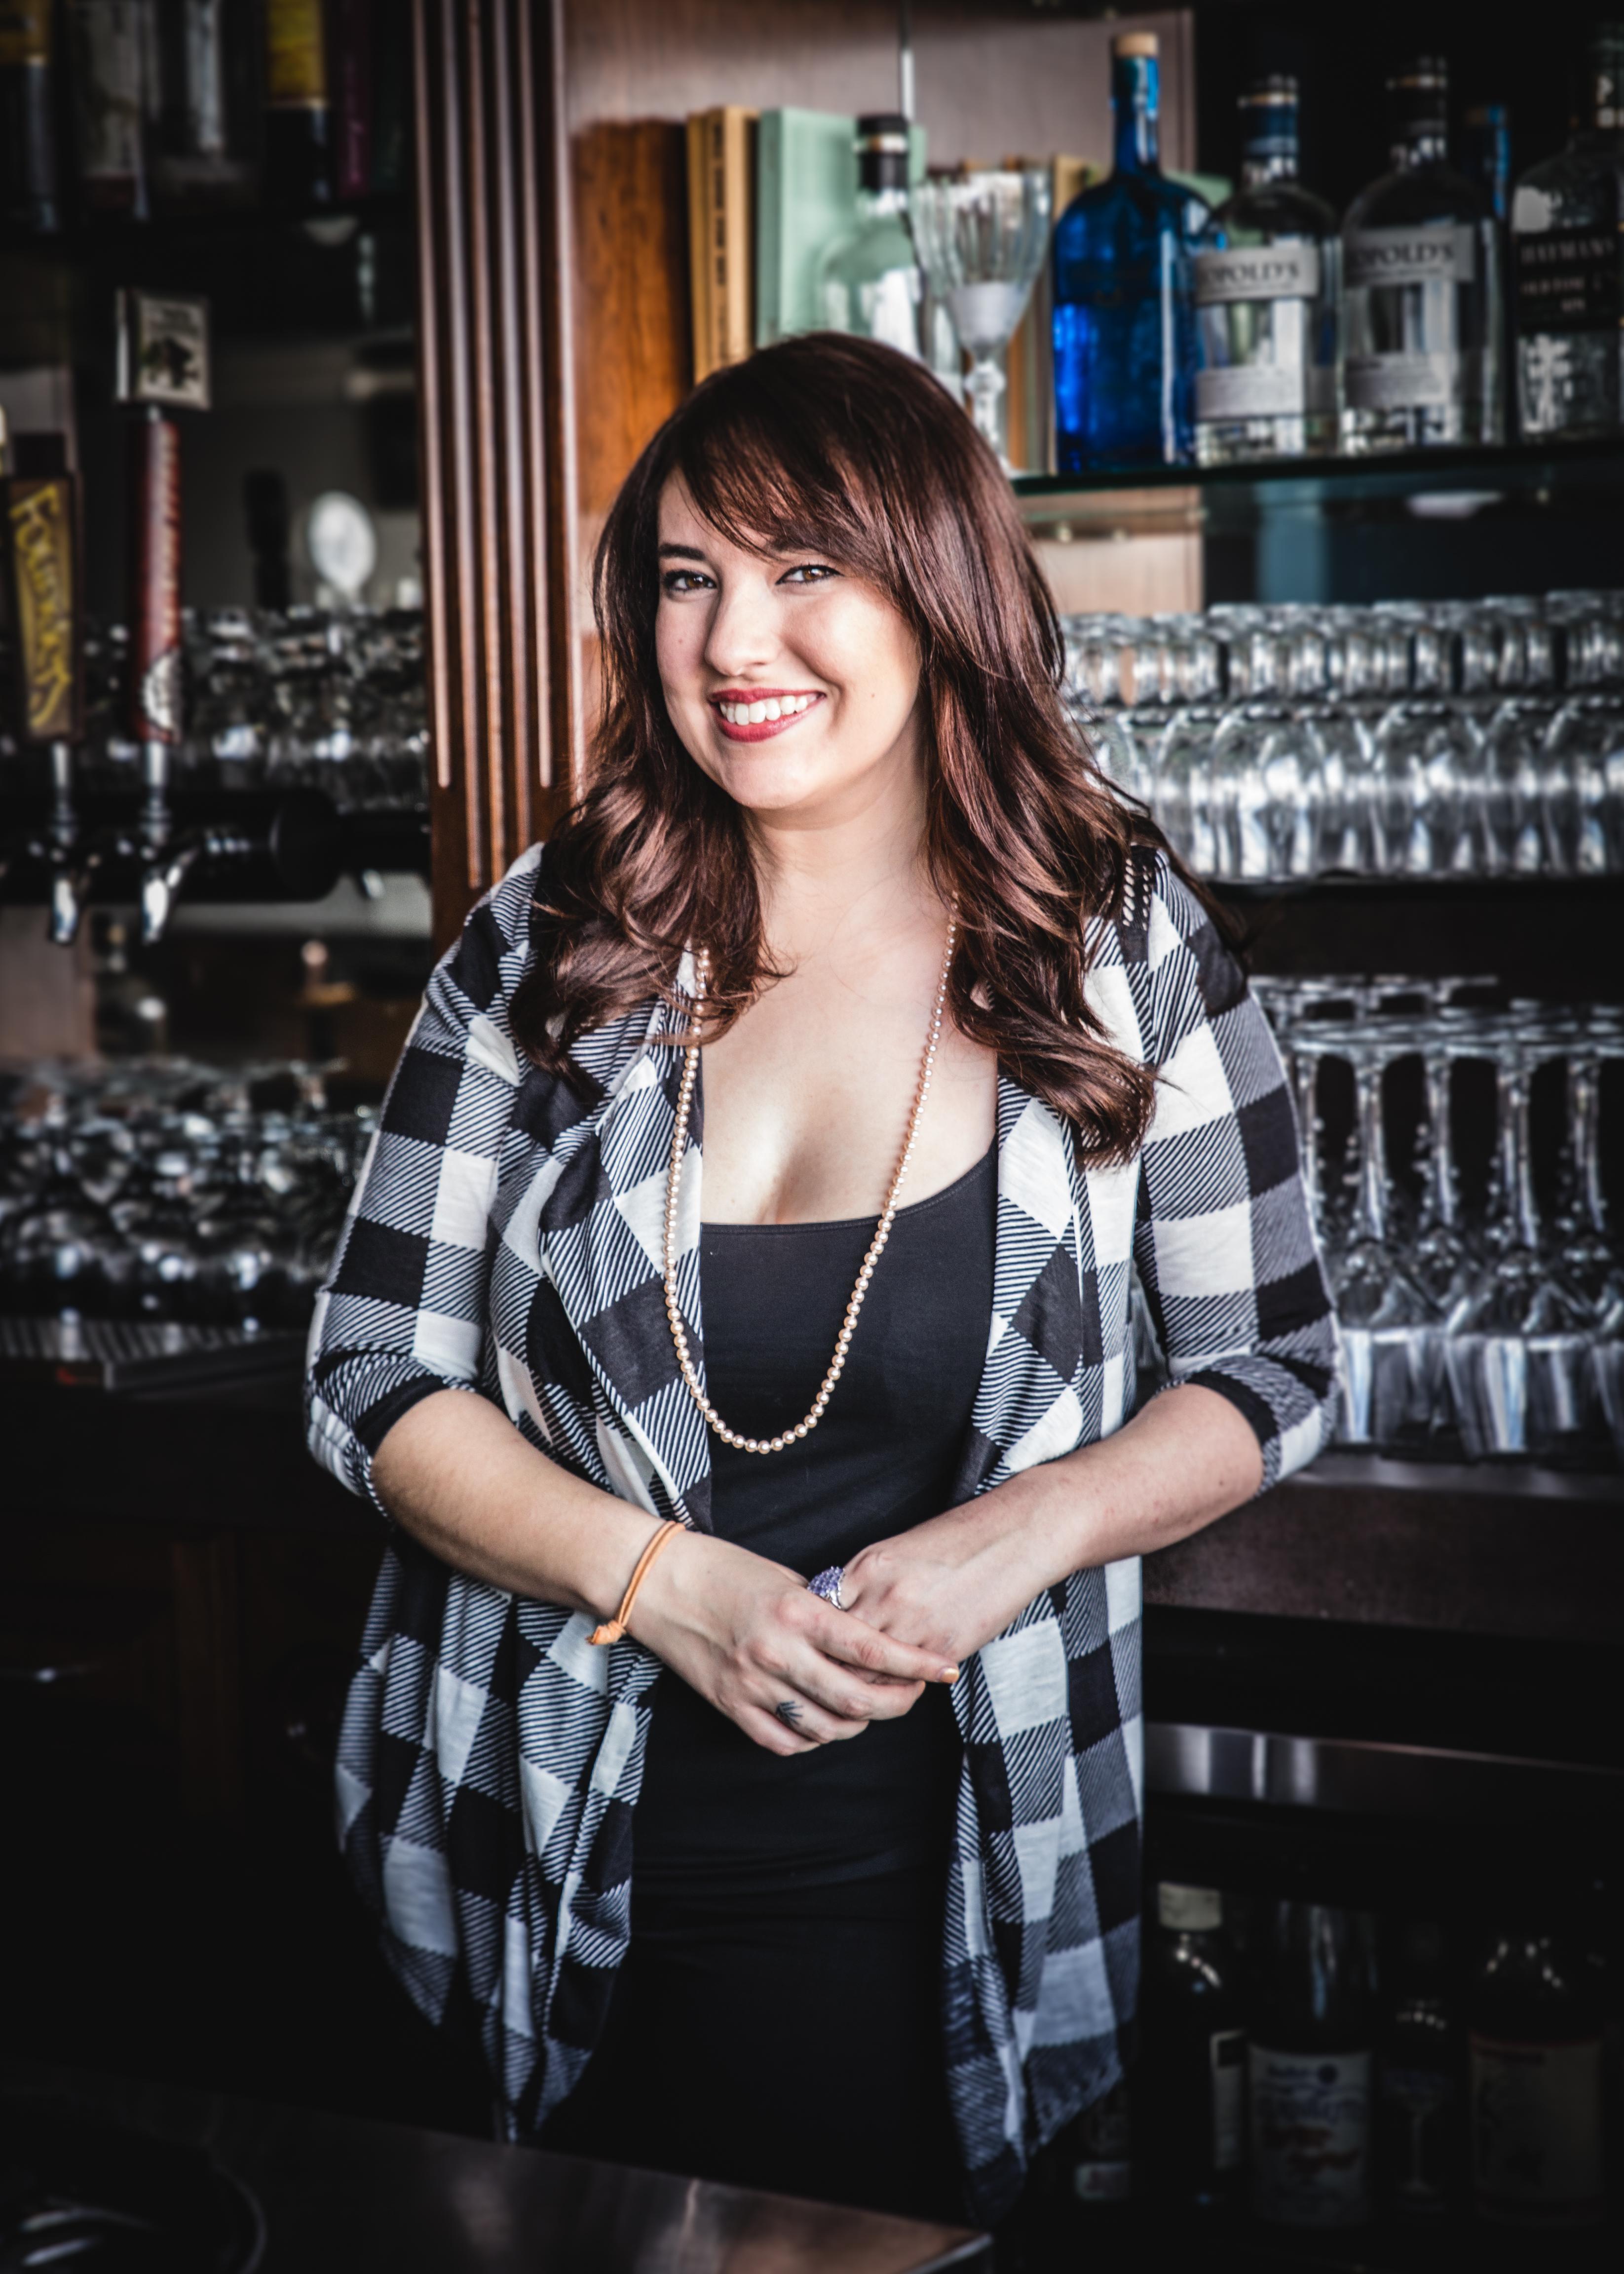 Katie Cruz at Atomic Liquors